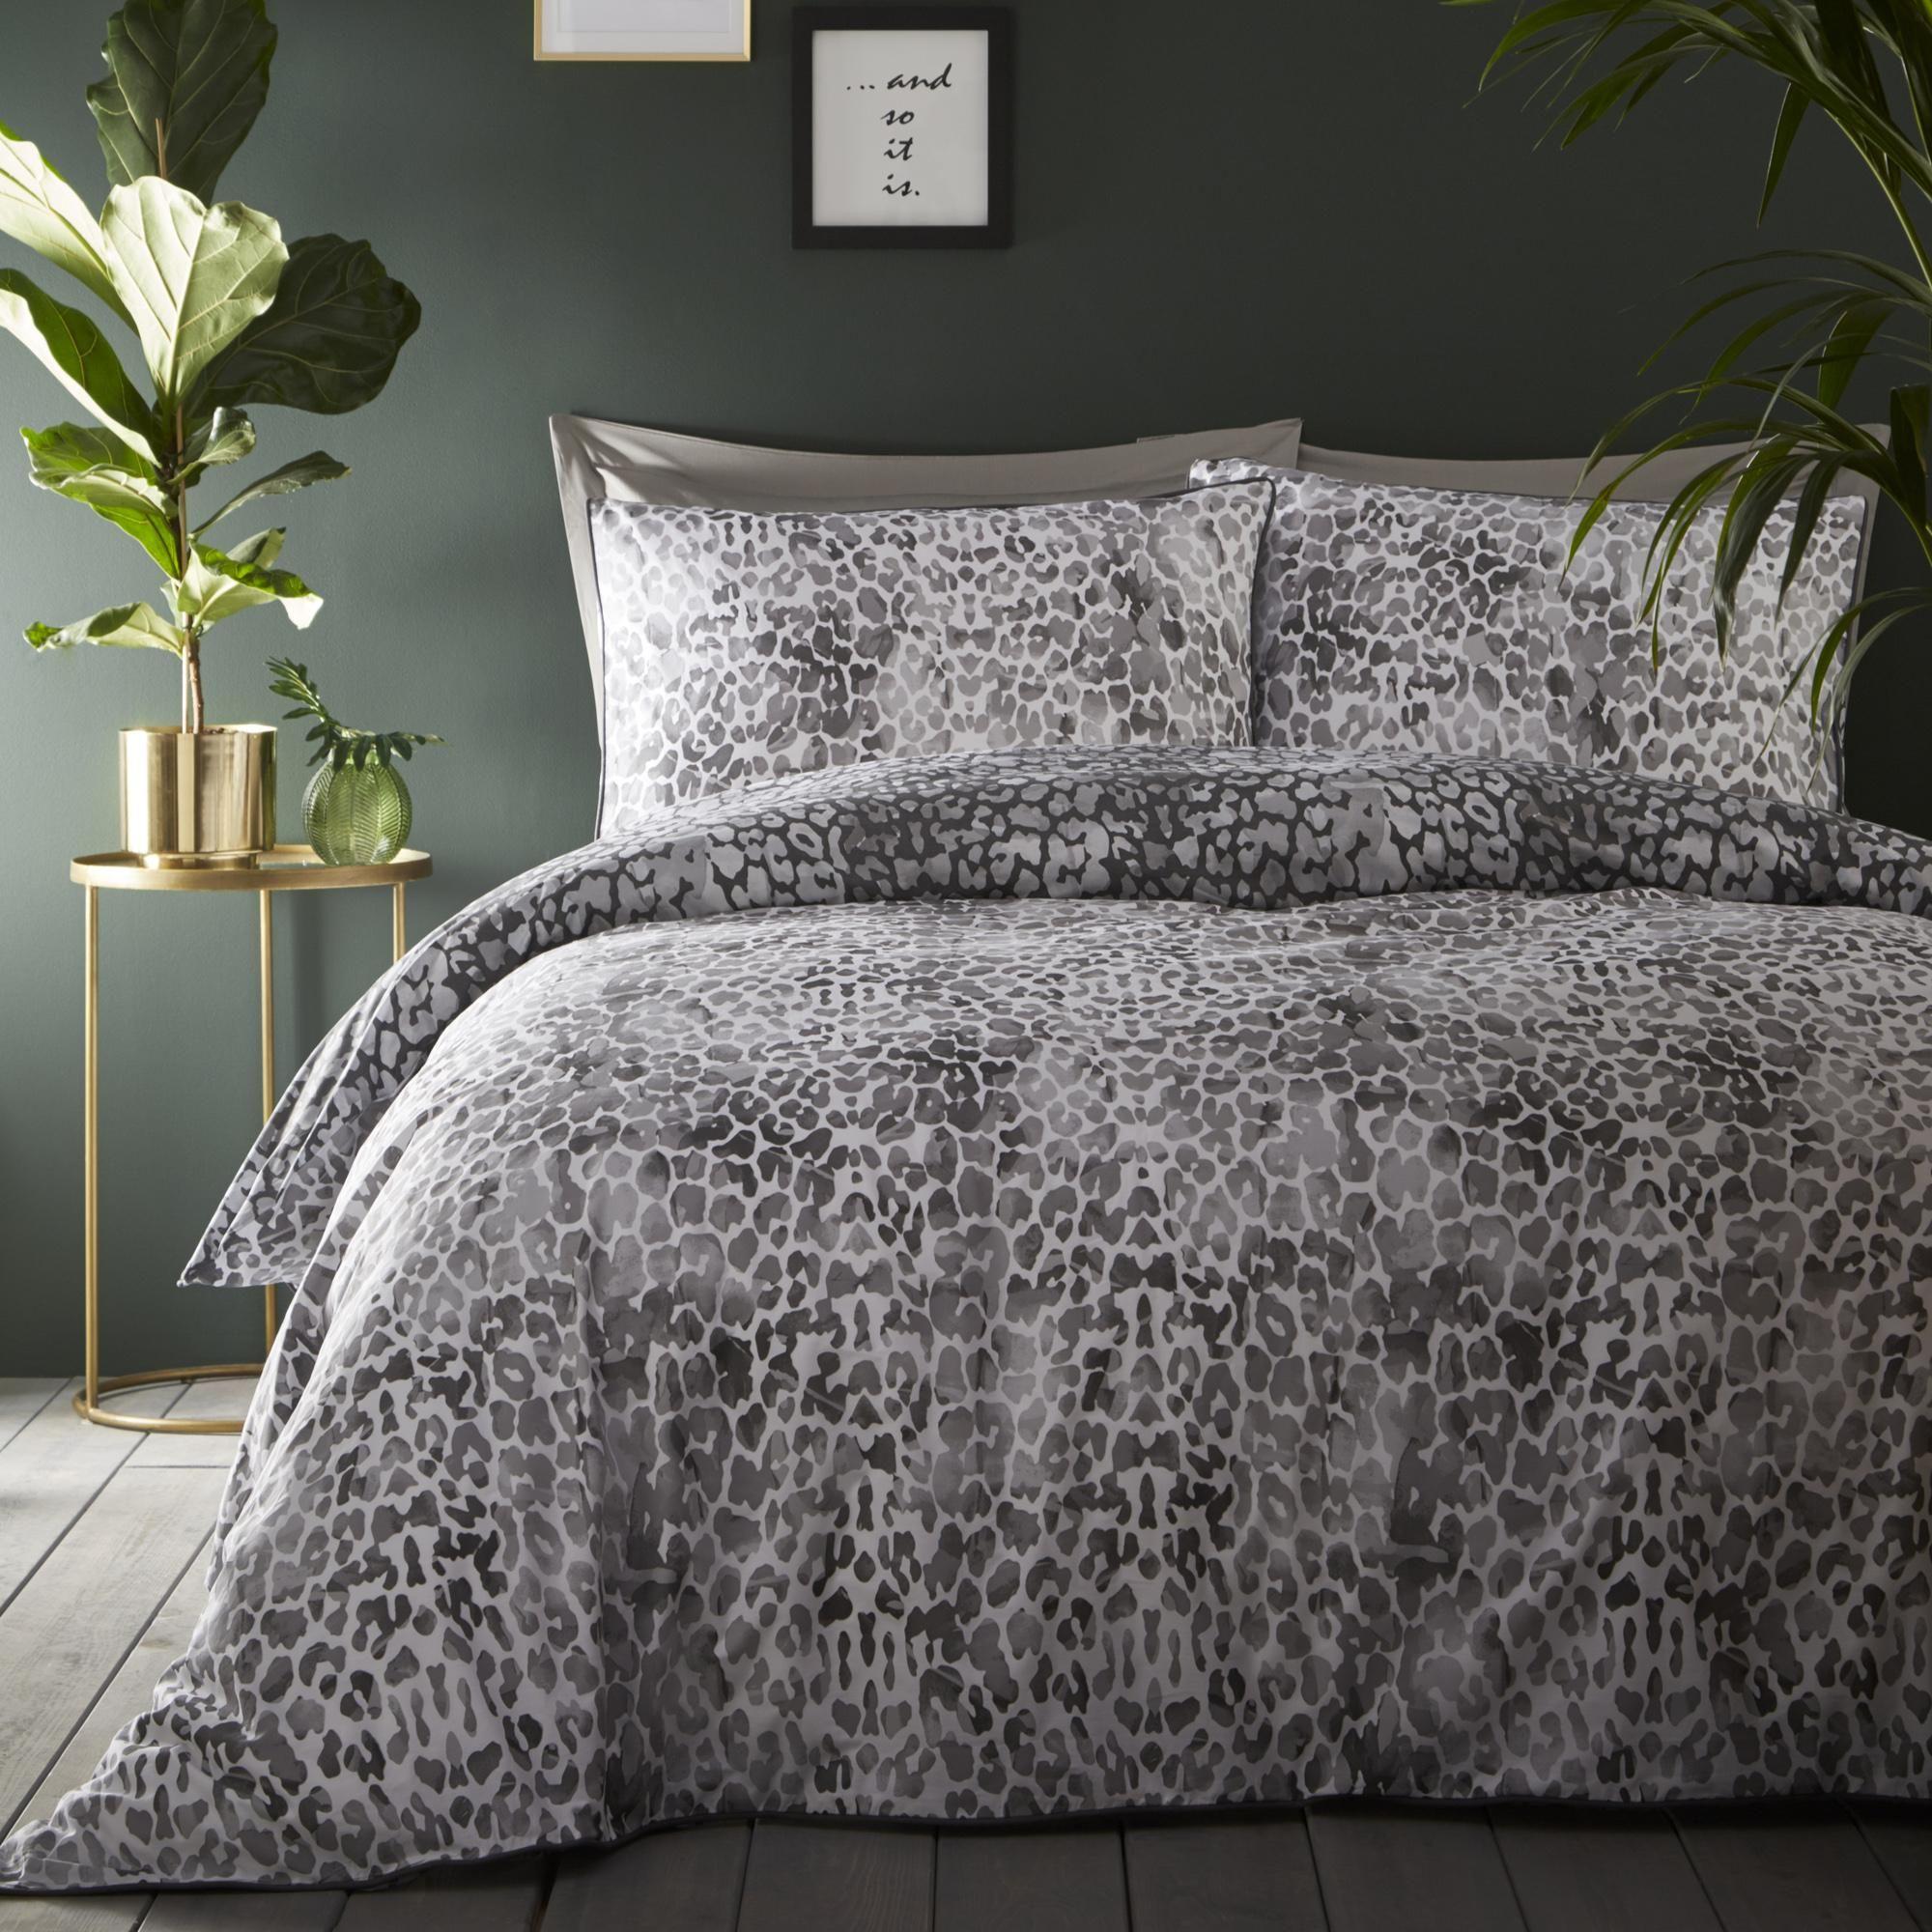 Appletree Kalahari Grey Animal Print 100 Cotton Duvet Cover And